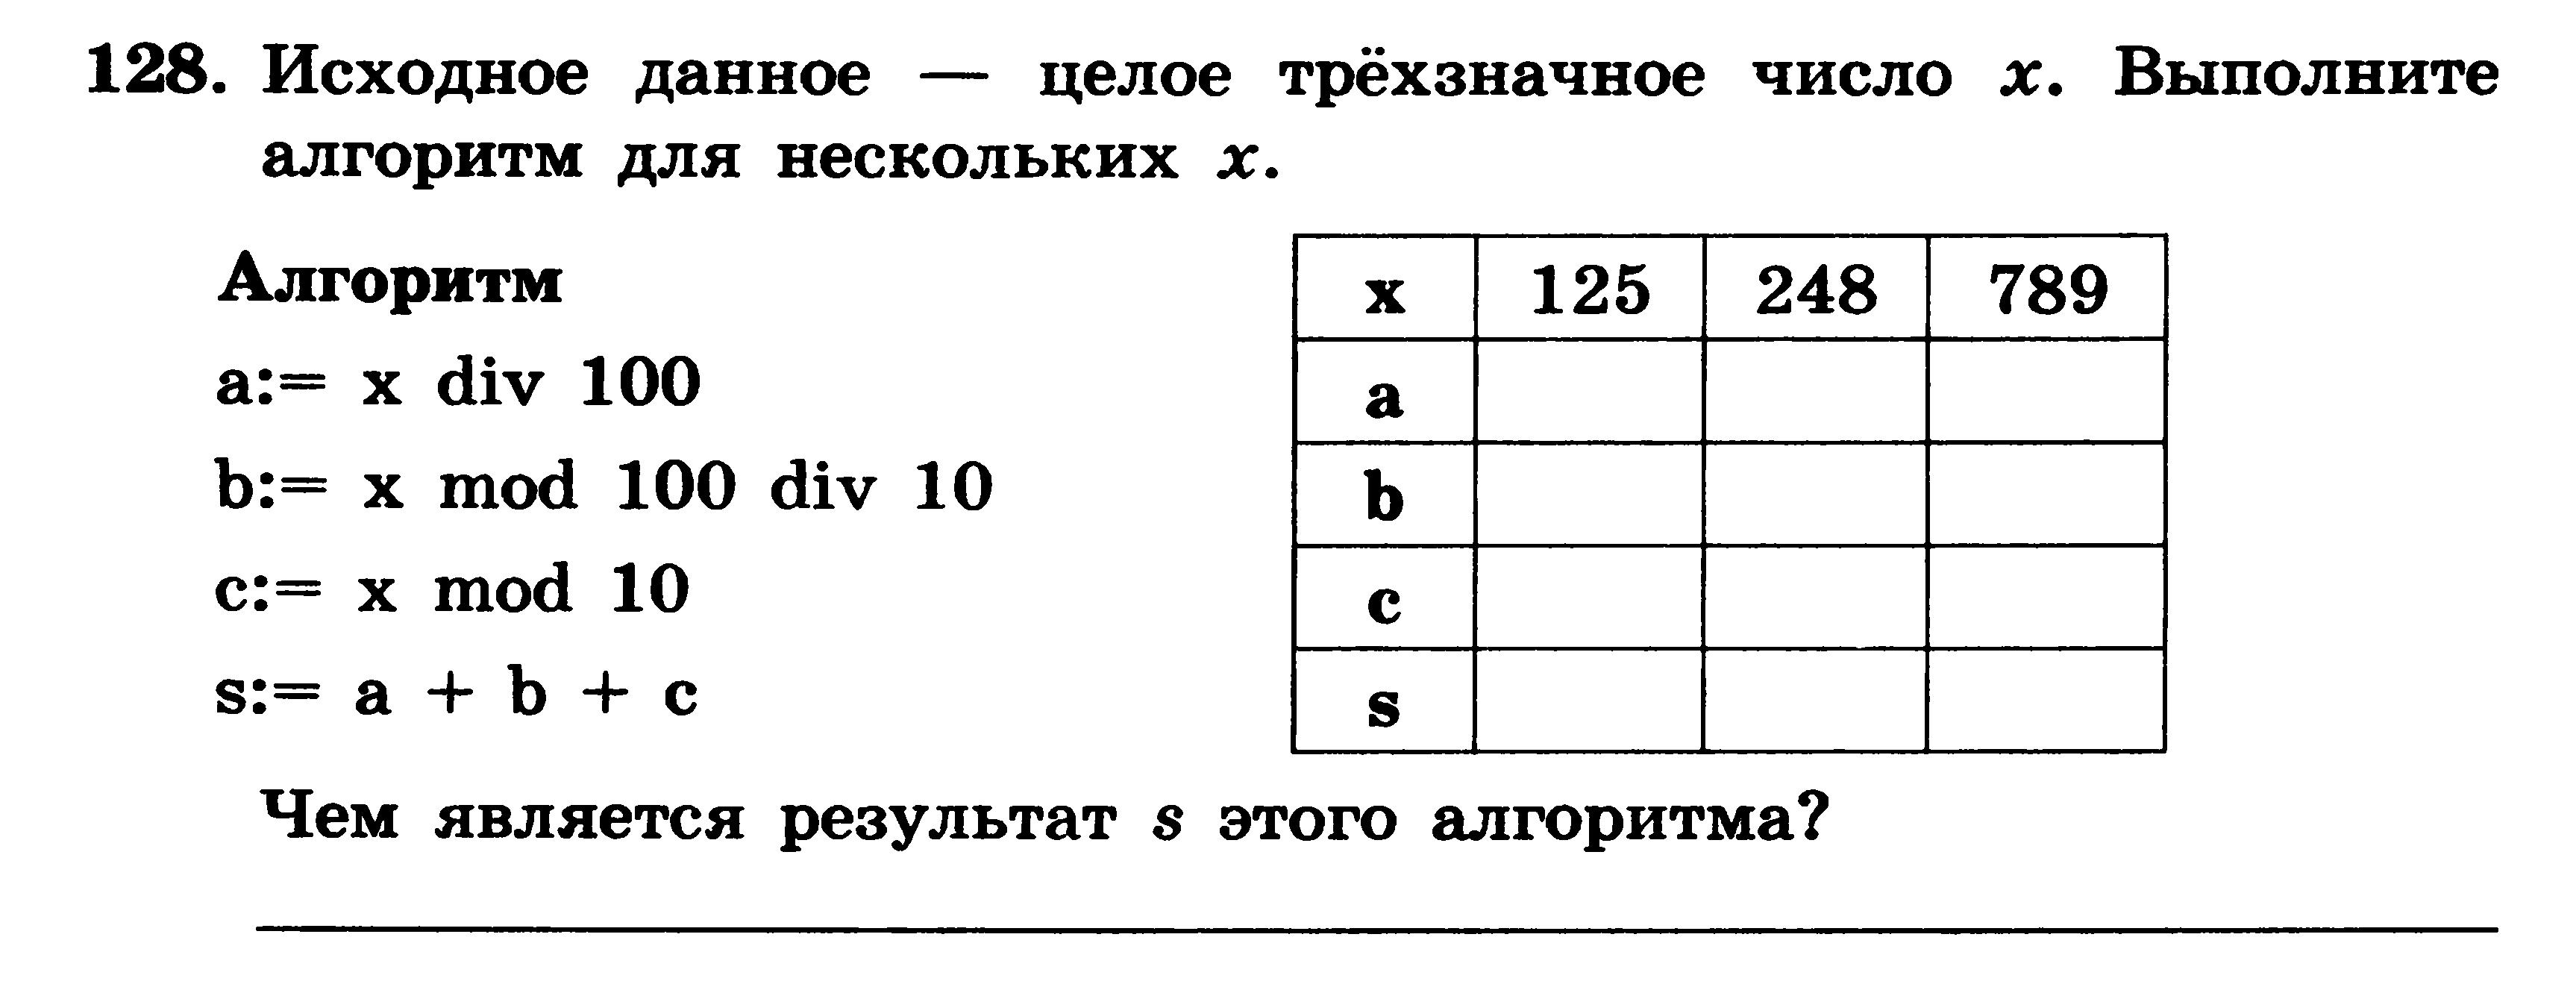 hello_html_189919bc.png